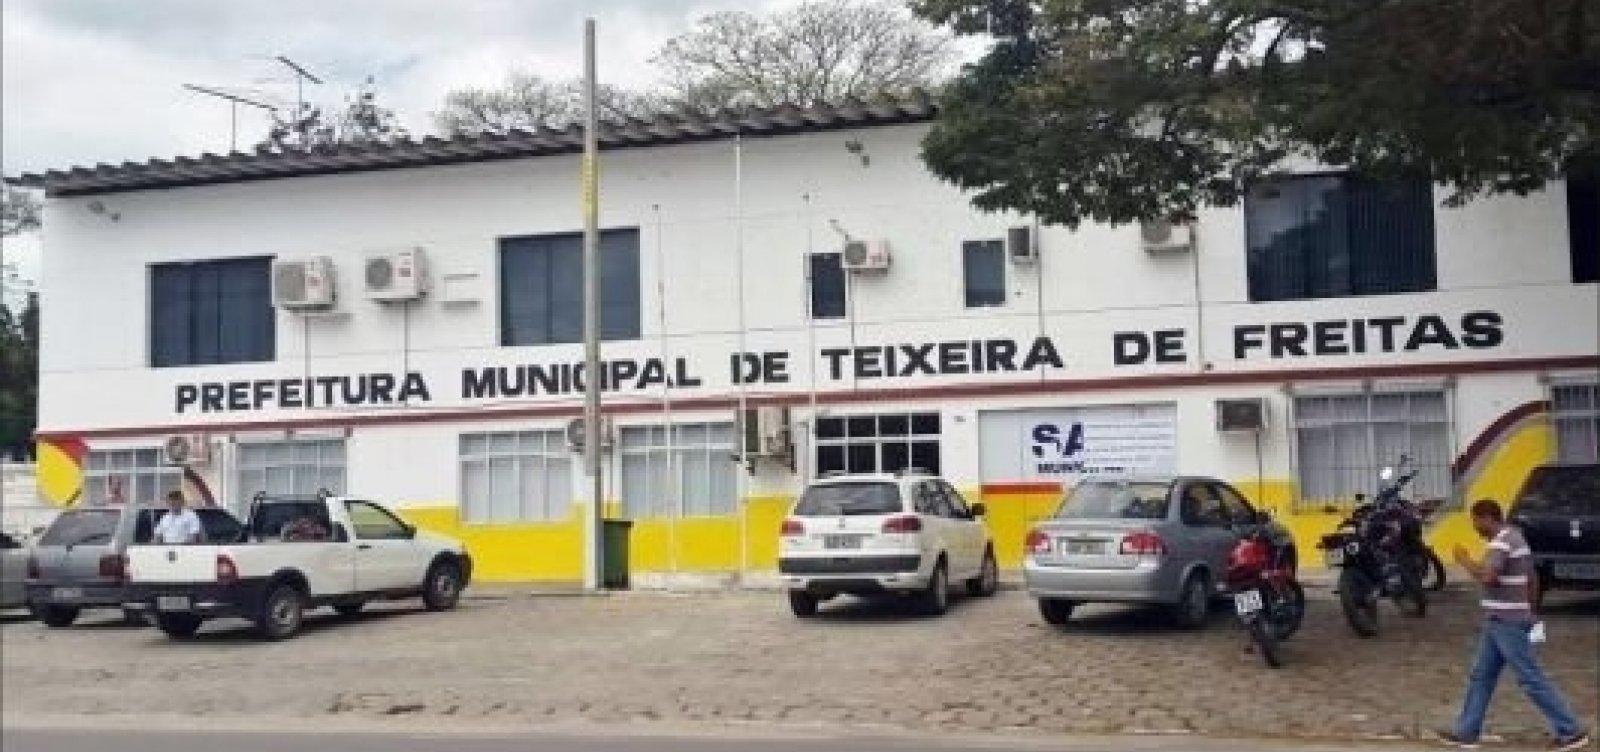 [Justiça bloqueia R$ 3 milhões em contas da prefeitura de Teixeira de Freitas]